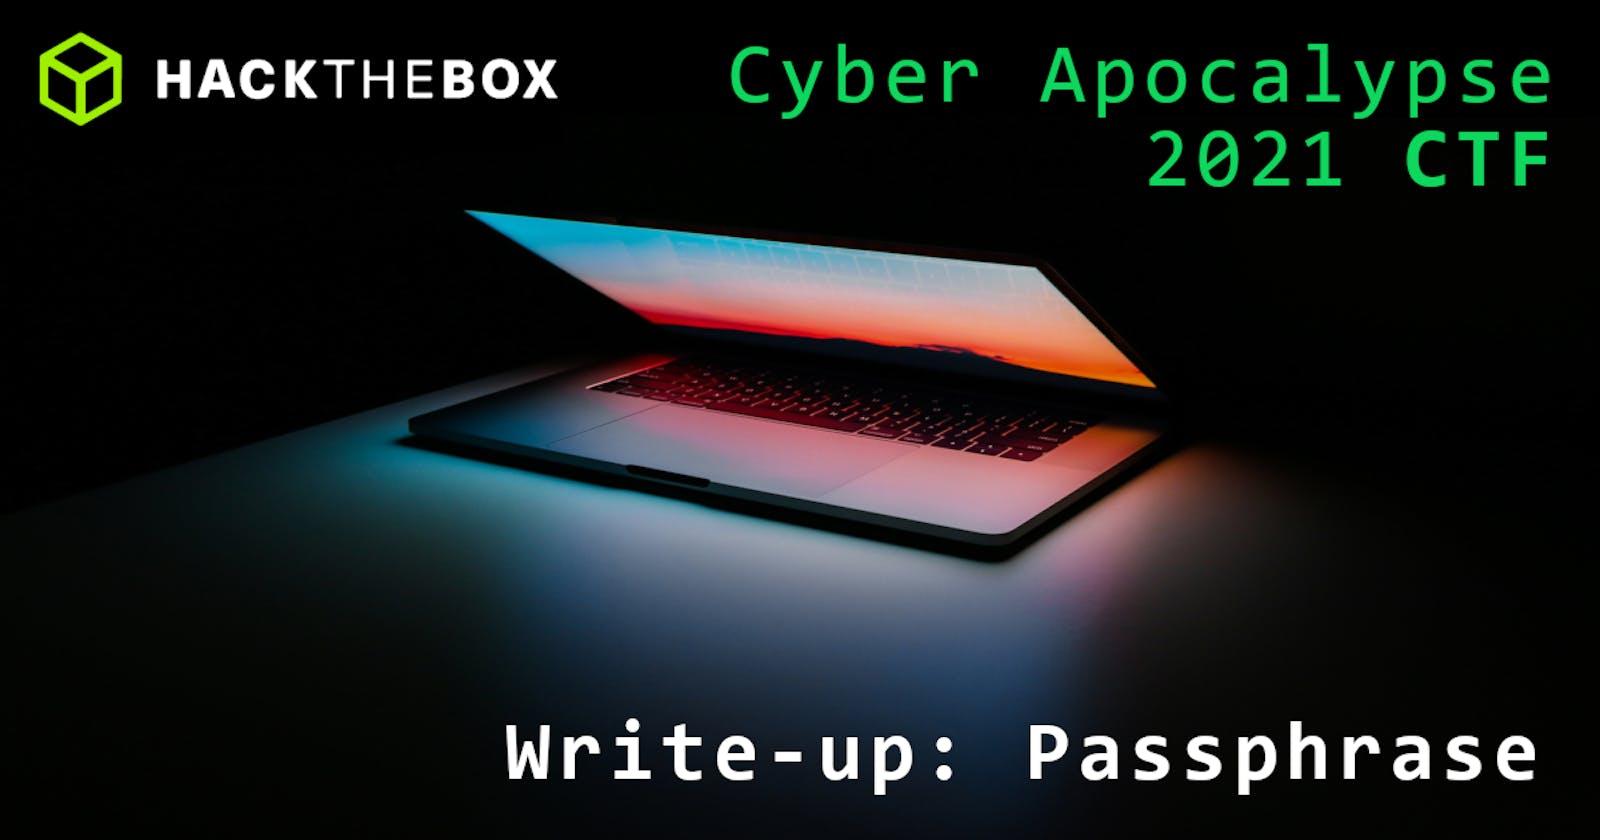 Cyber Apocalypse 2021: Passphrase